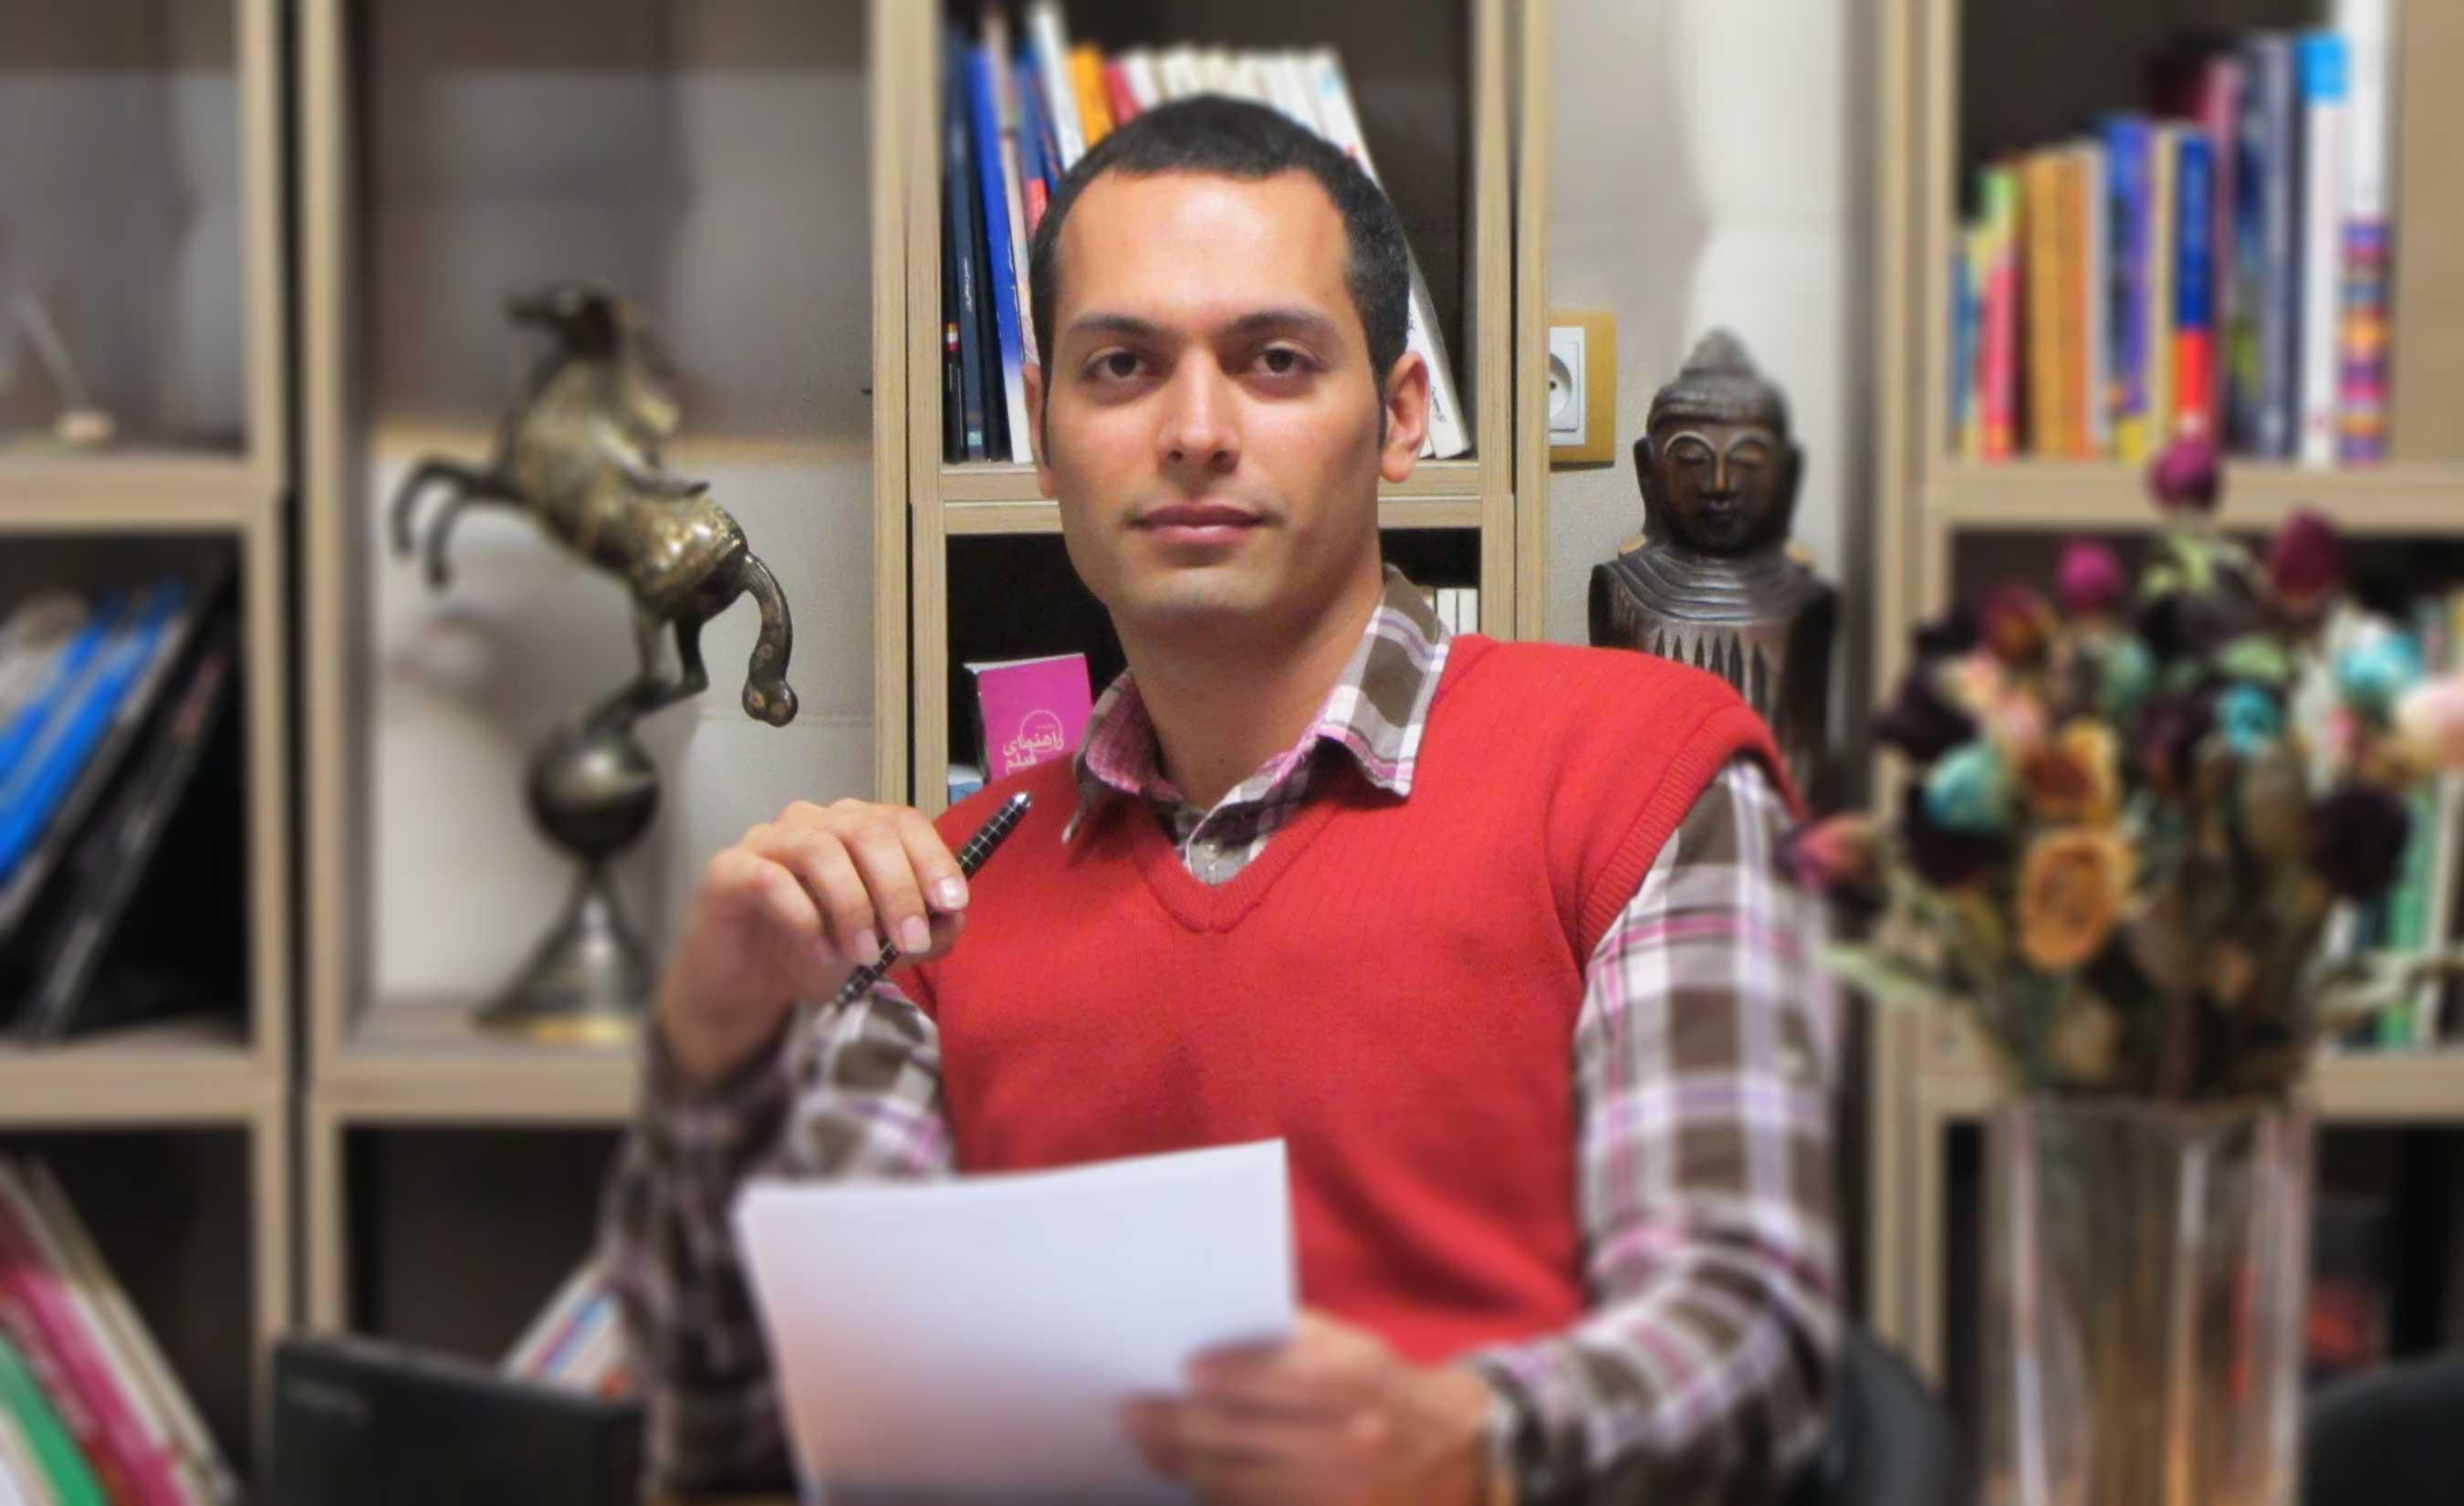 مسعود کثیری فر مشاور ارشد آموزشگاه کنکور هنر هونر طرح مشاوره رایگان کنکور هنر برای هنرجویان تمام کشور